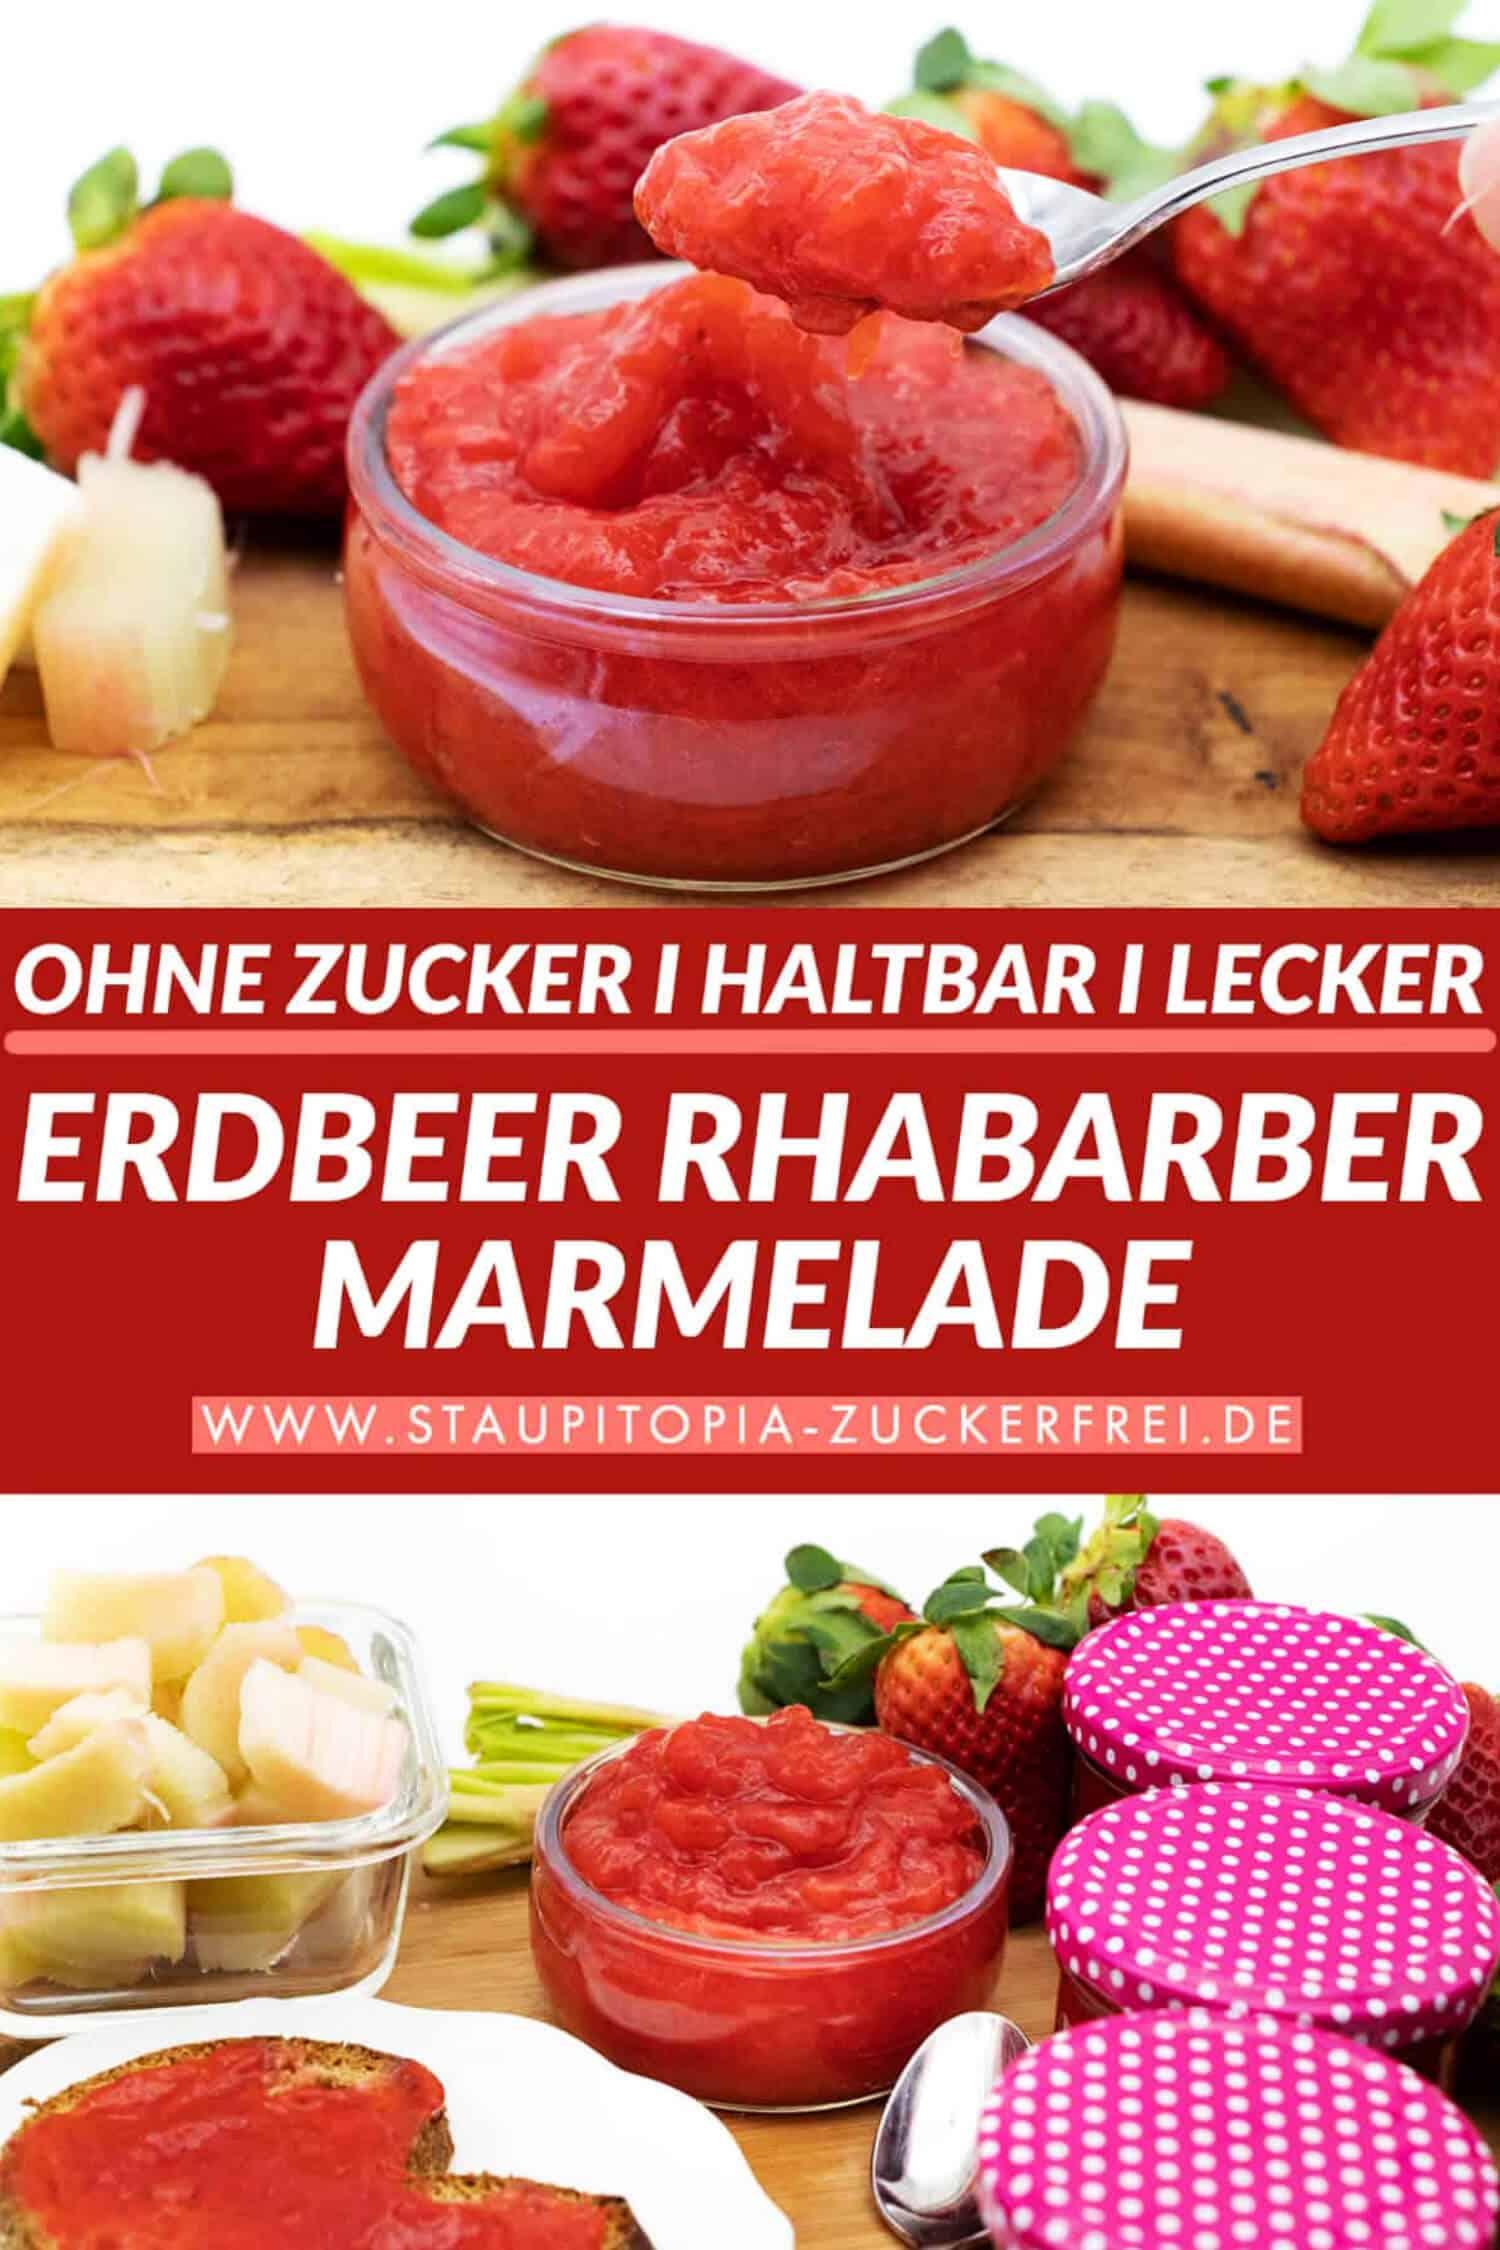 Erdbeer Rhabarber Marmelade Rezept ohne Zucker